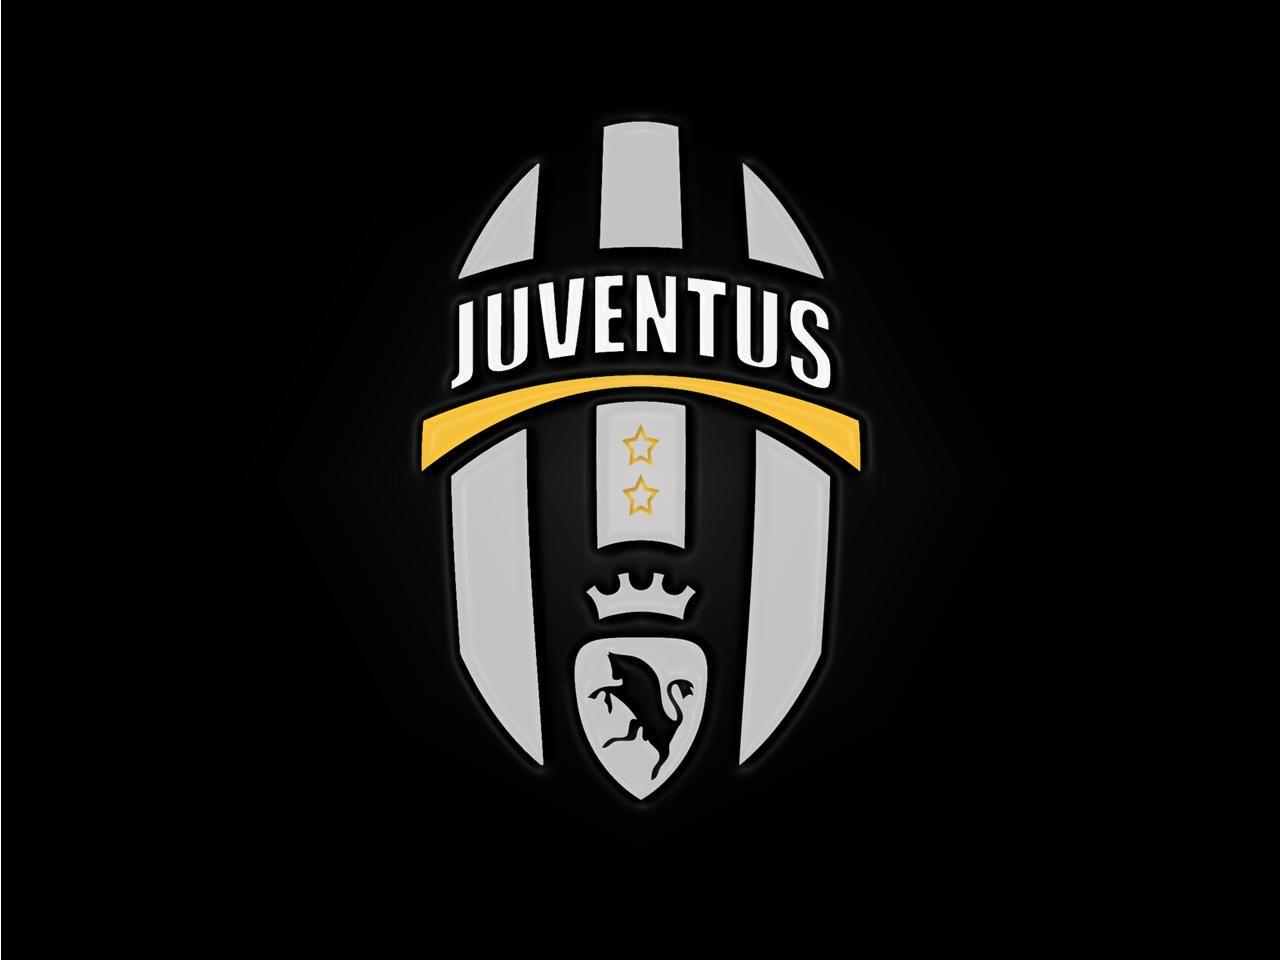 Http Imageshack Us Photo My Images 269 Juveawaywp1280x960 Jpg Juventus Wallpapers Juventus Juventus Logo